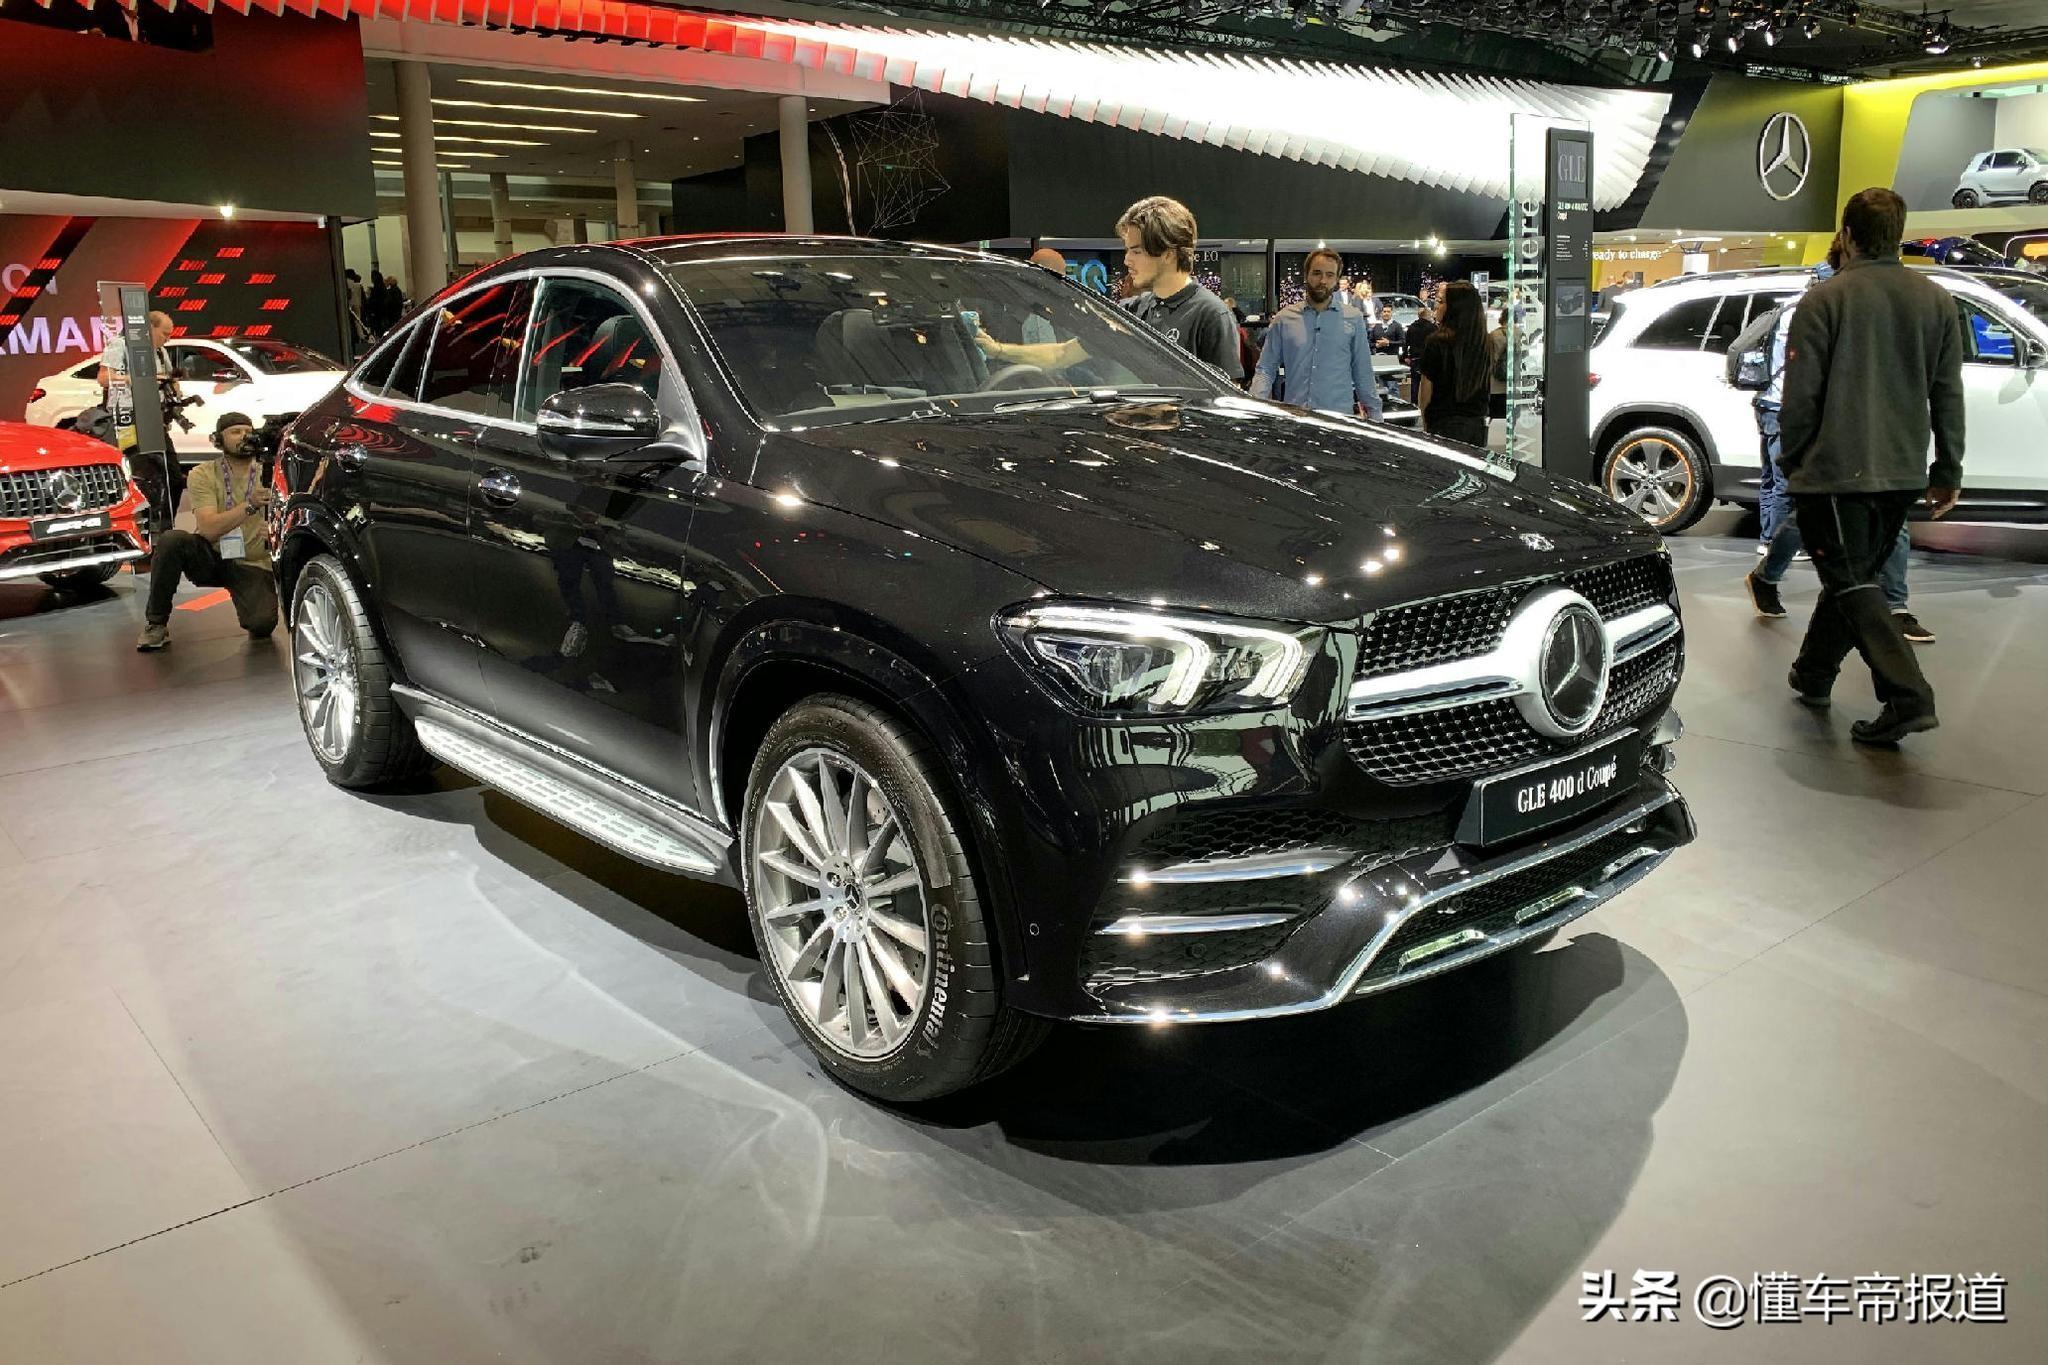 曝光 | 新一代奔驰GLE轿跑SUV将于9月11日上市